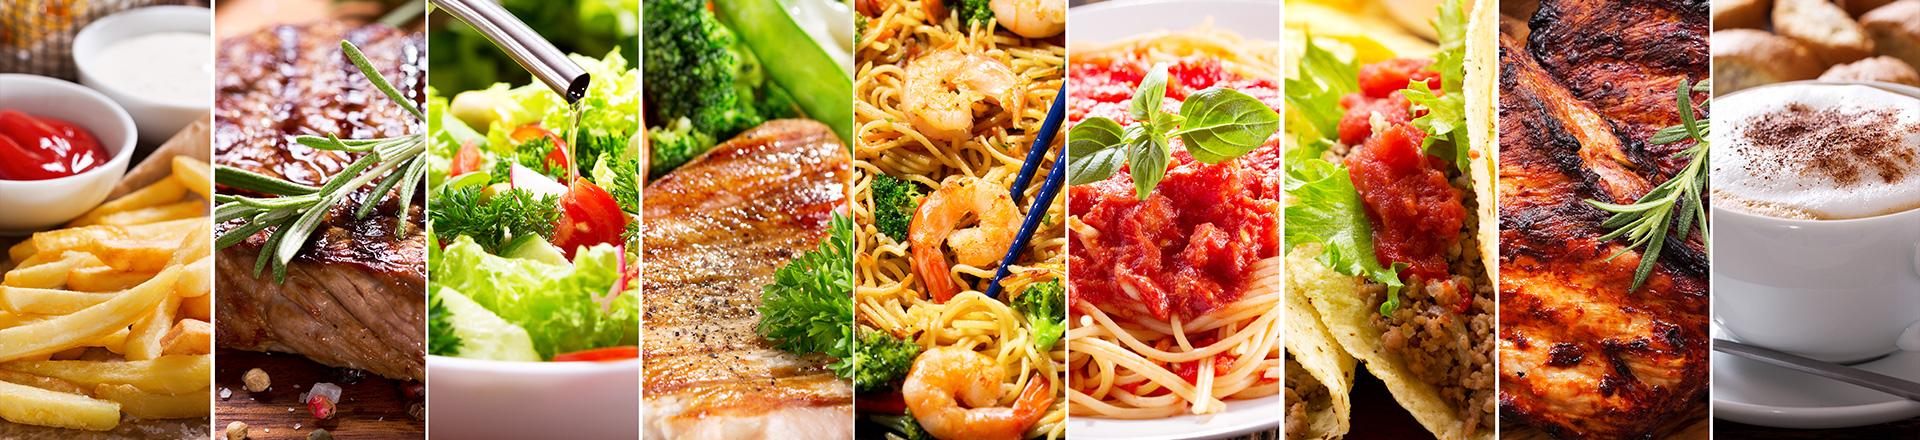 Imagem com diversos pratos